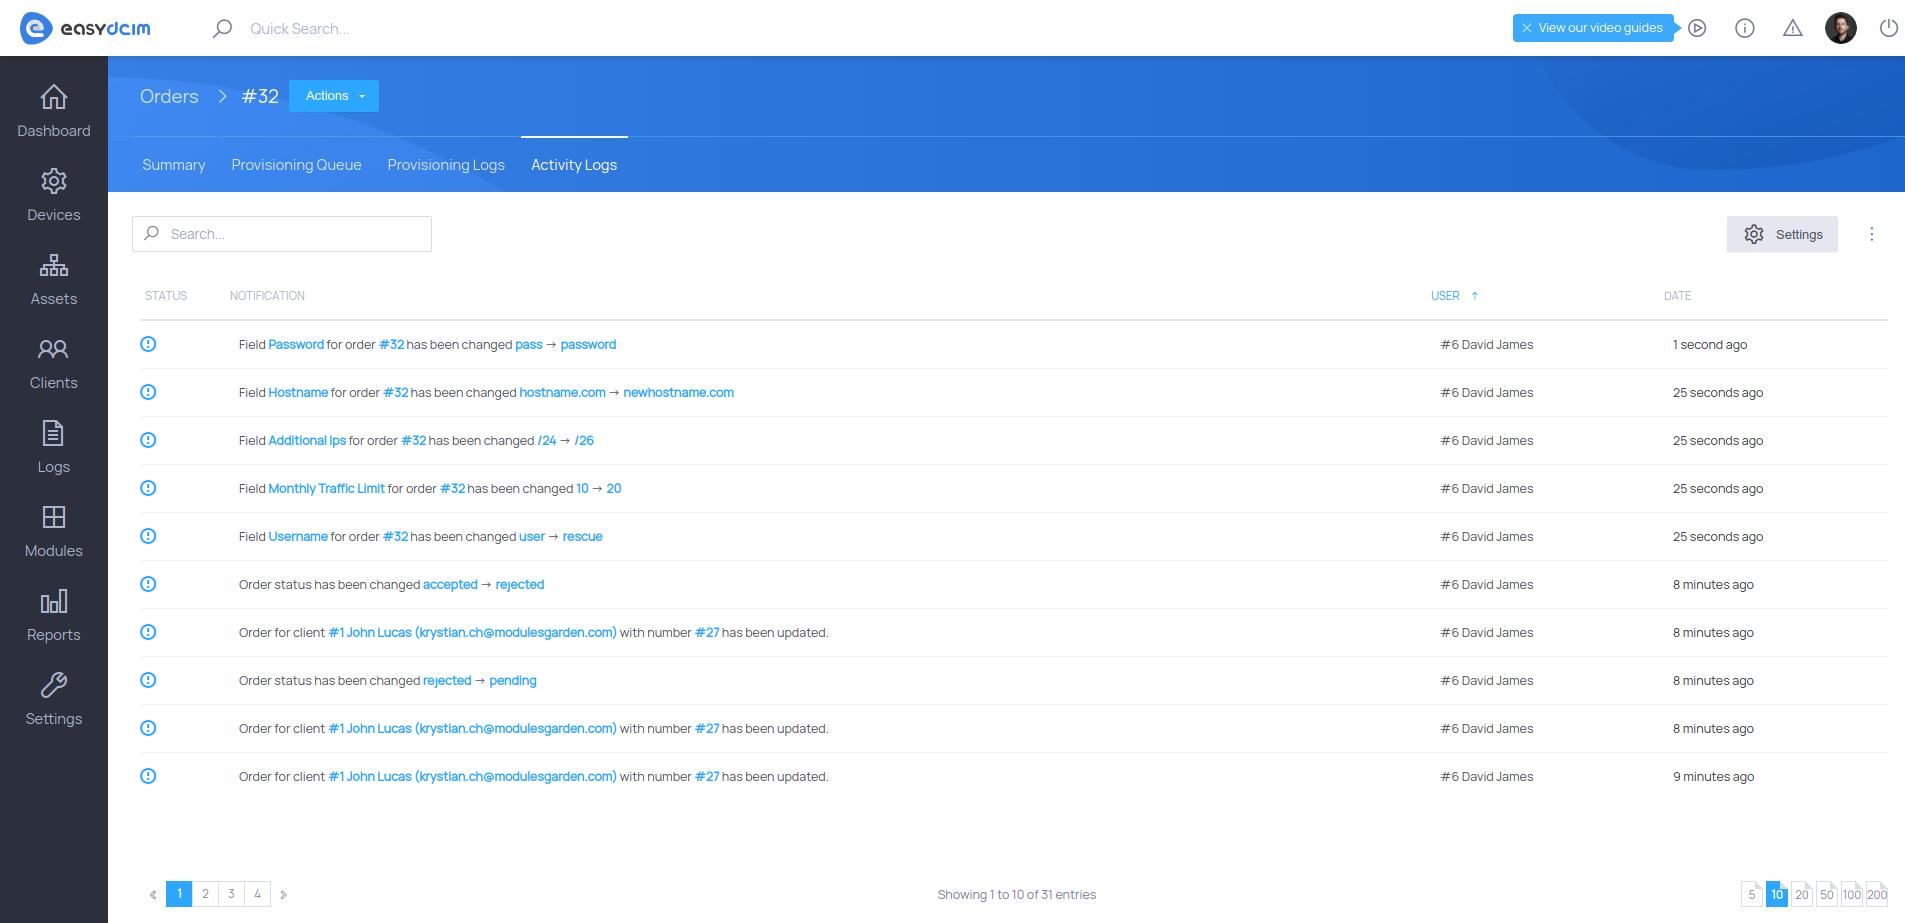 Order Activity Logs - EasyDCIM v1.6.3